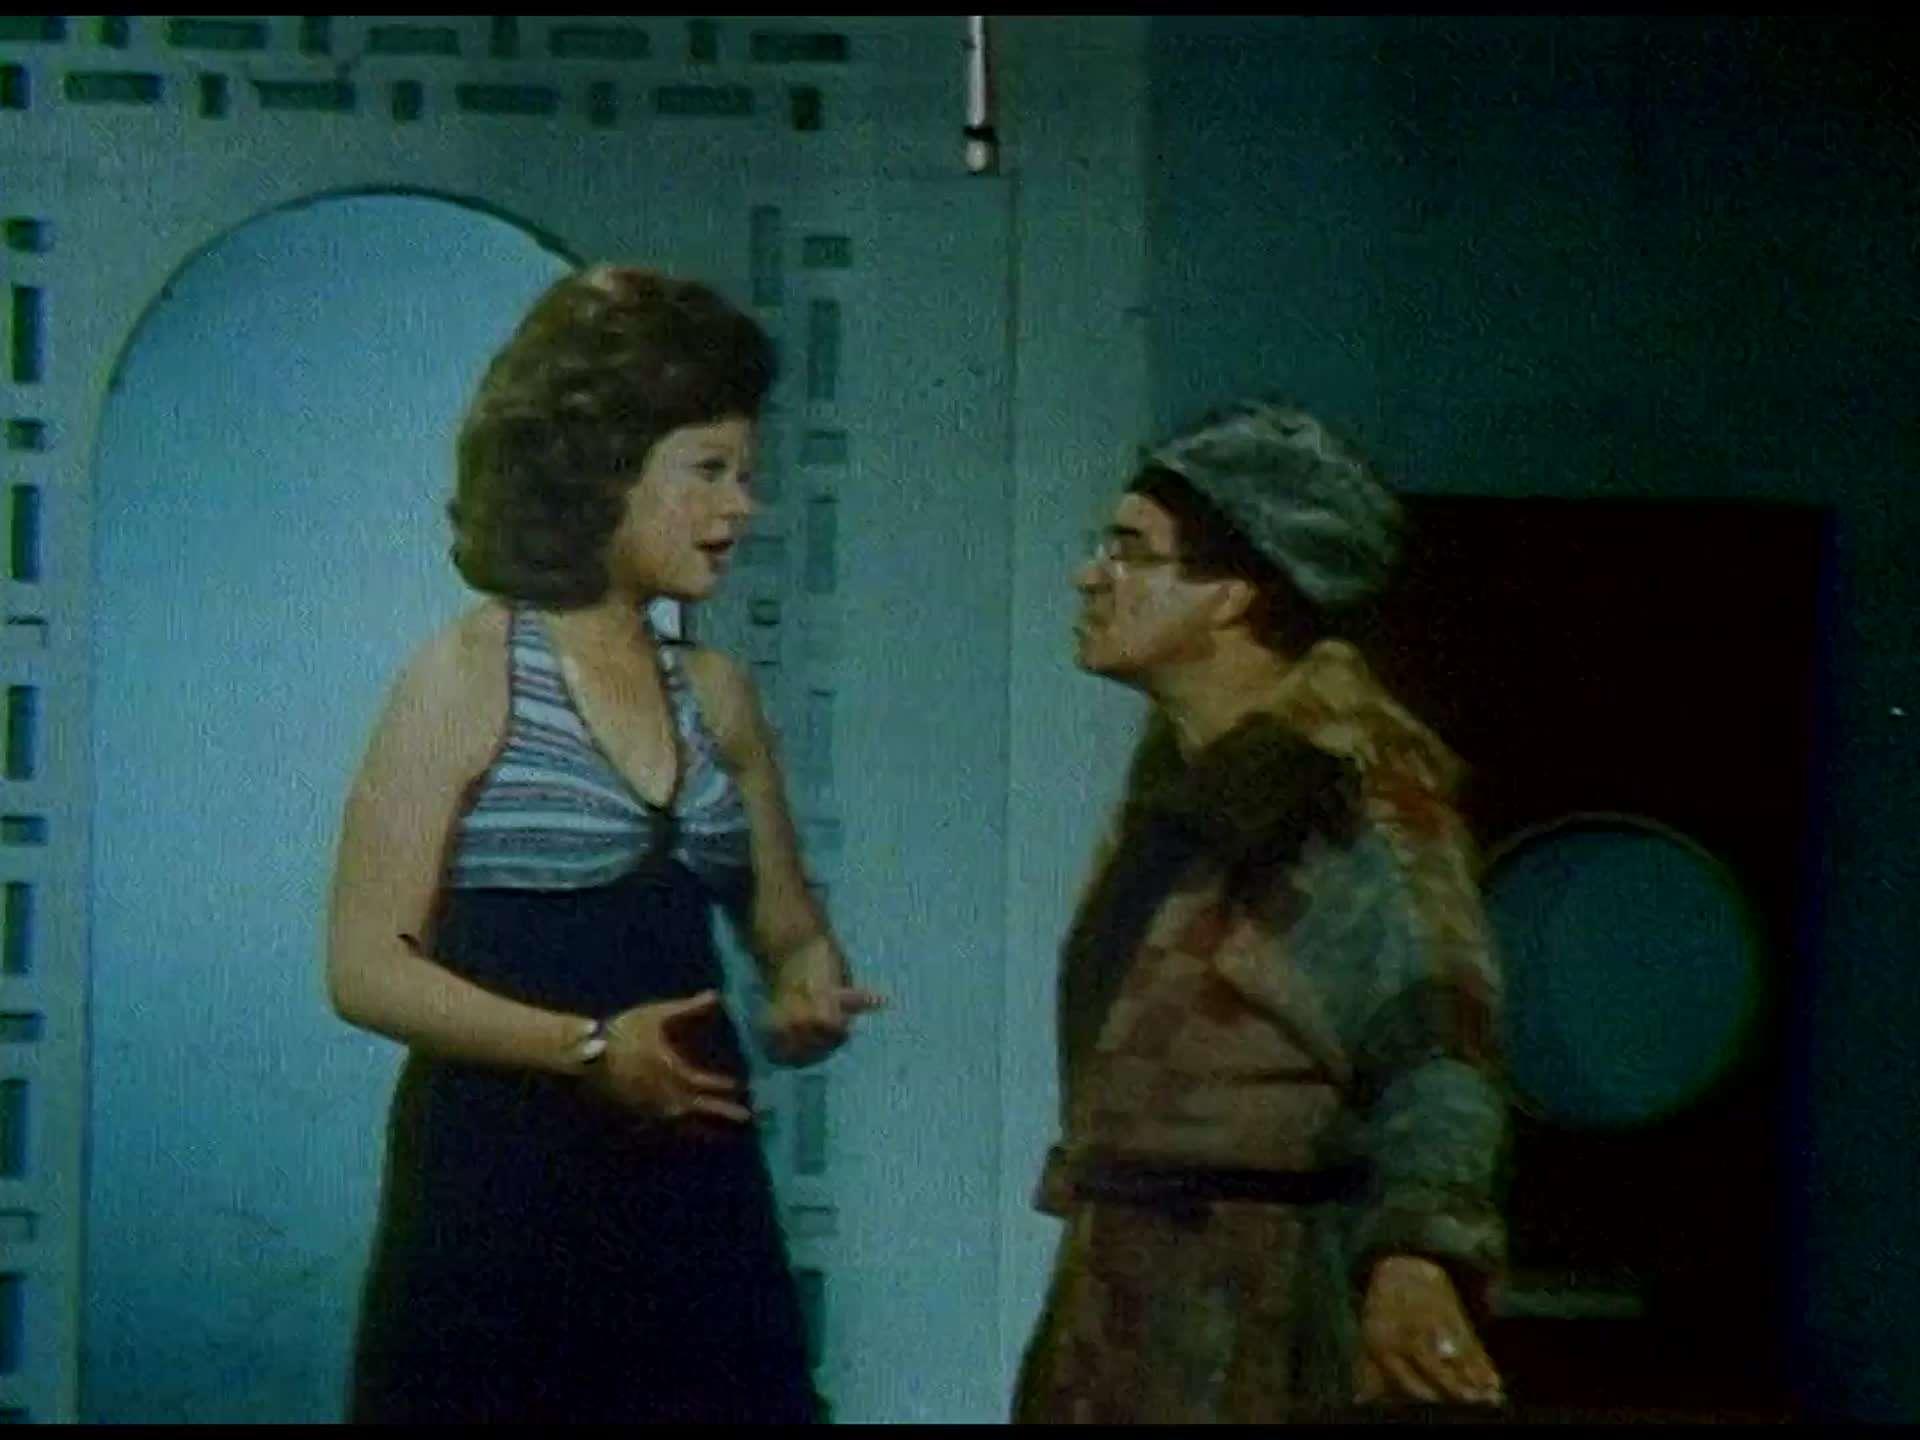 مسرحية لوليتا (1974) 1080p تحميل تورنت 8 arabp2p.com